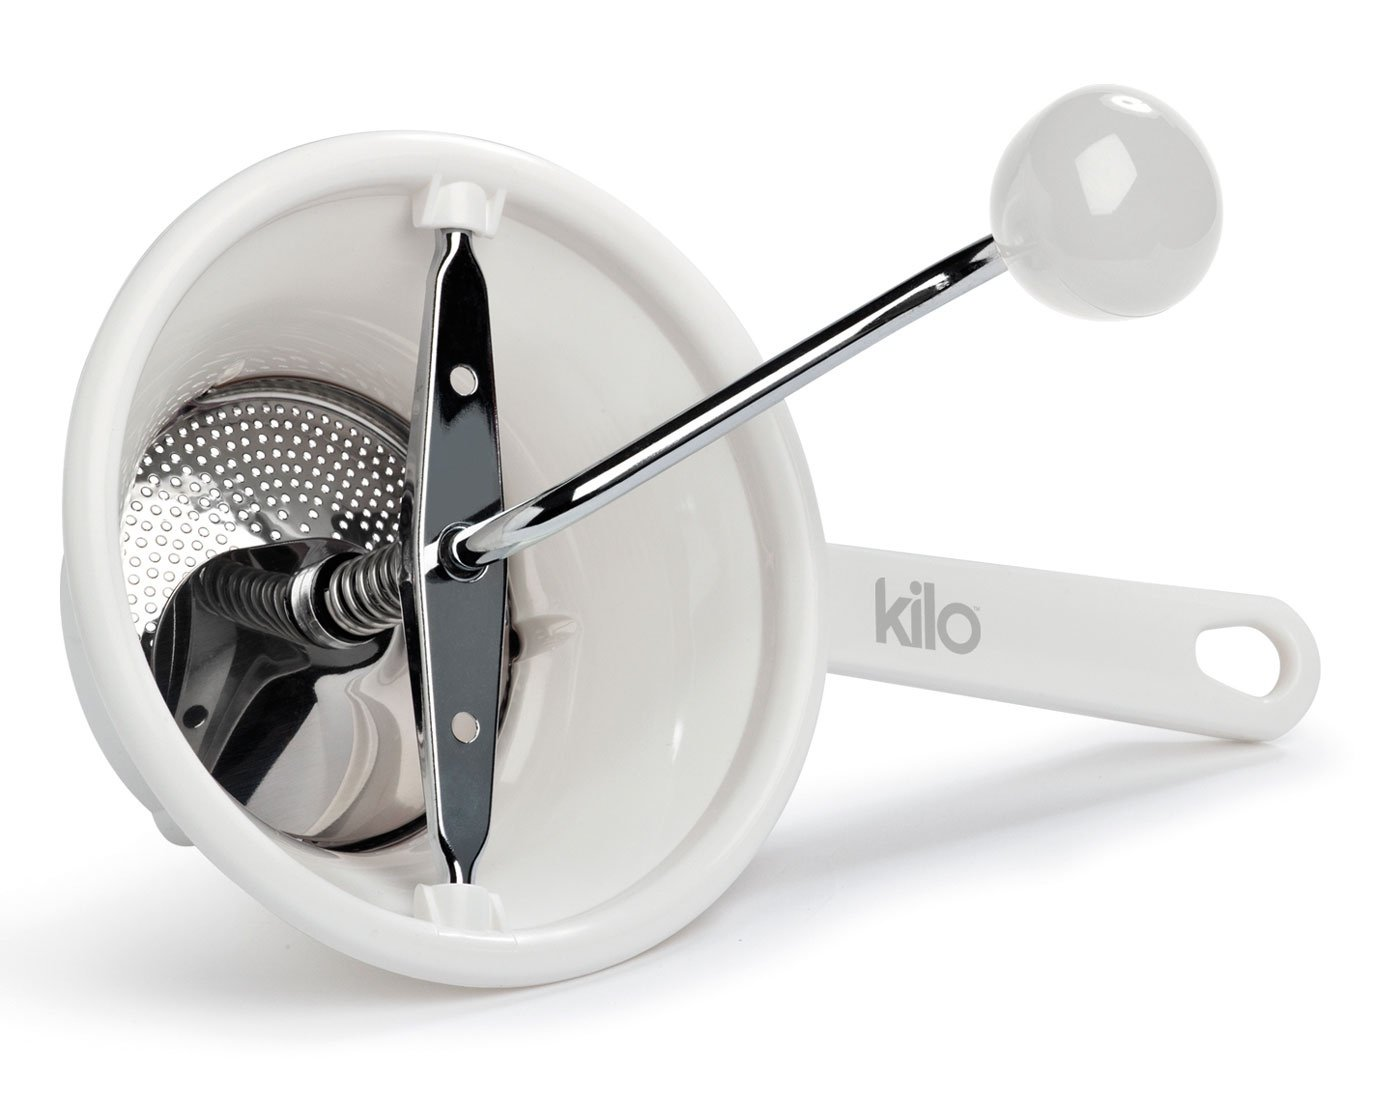 Kilo Baby Food Puree Mill Mouli in White Kilo @ WOWOOO